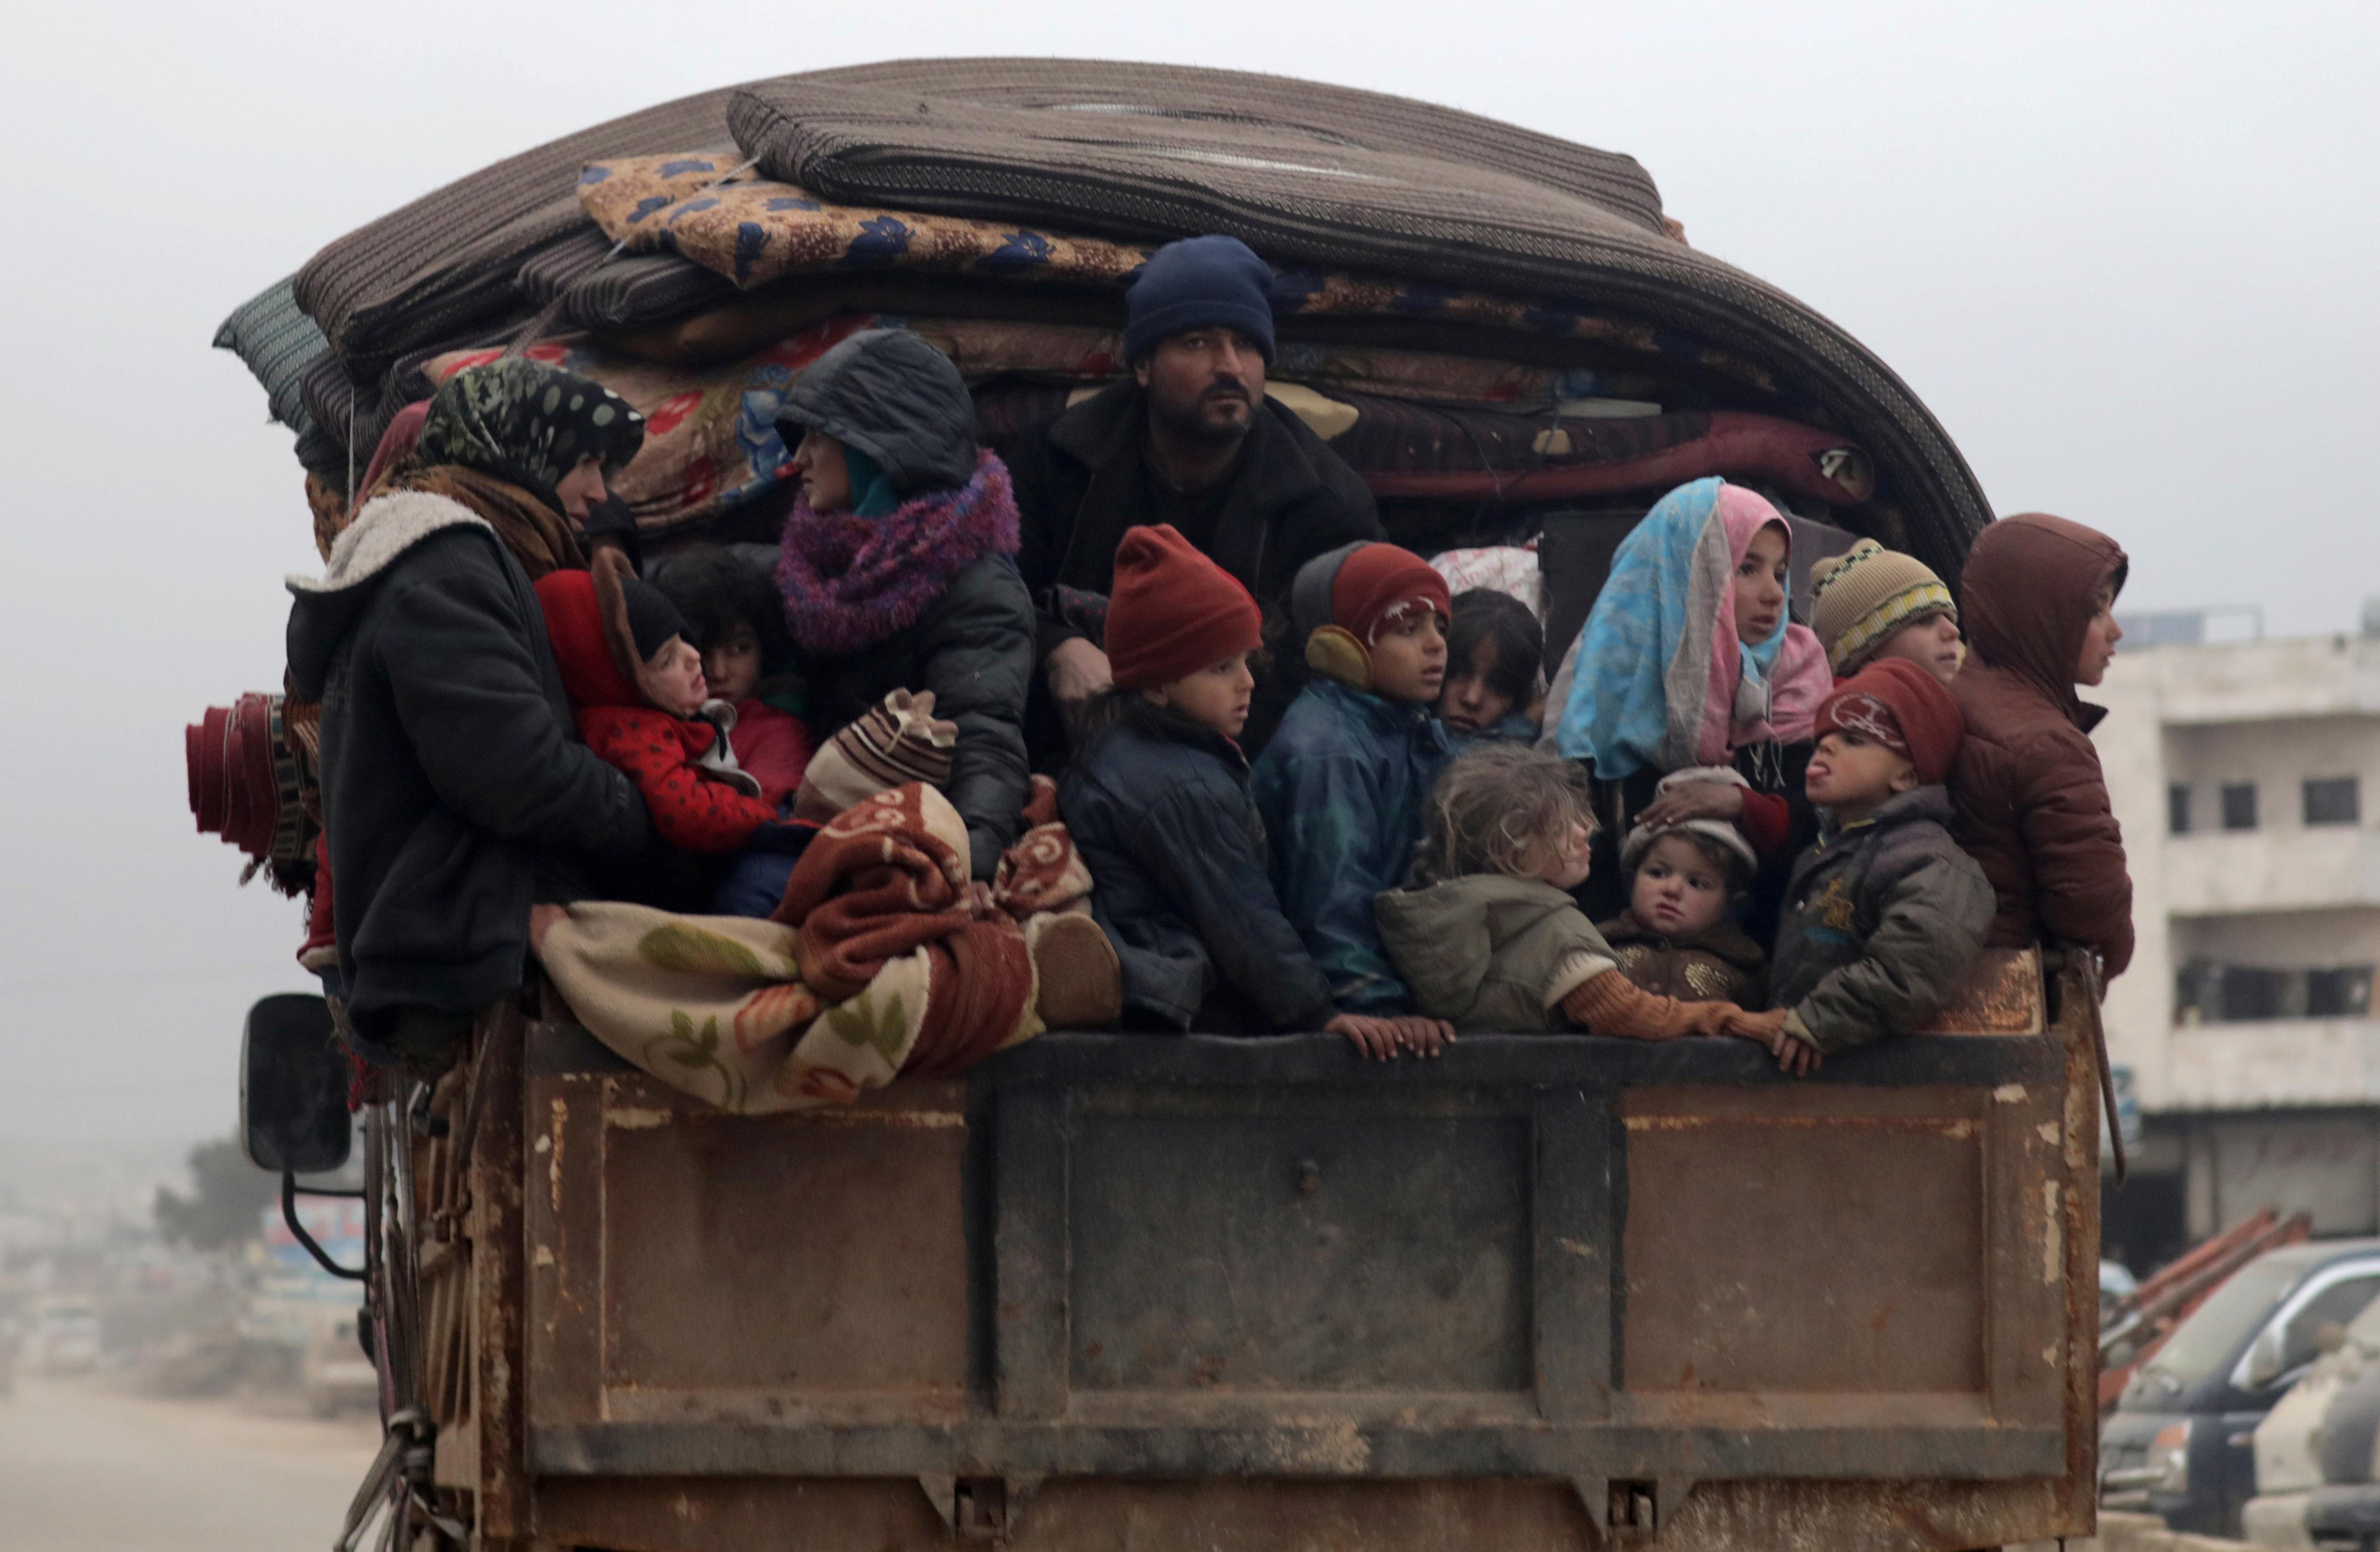 Los miembros de una familia observan desde la parte trasera del camión que los aleja del frente